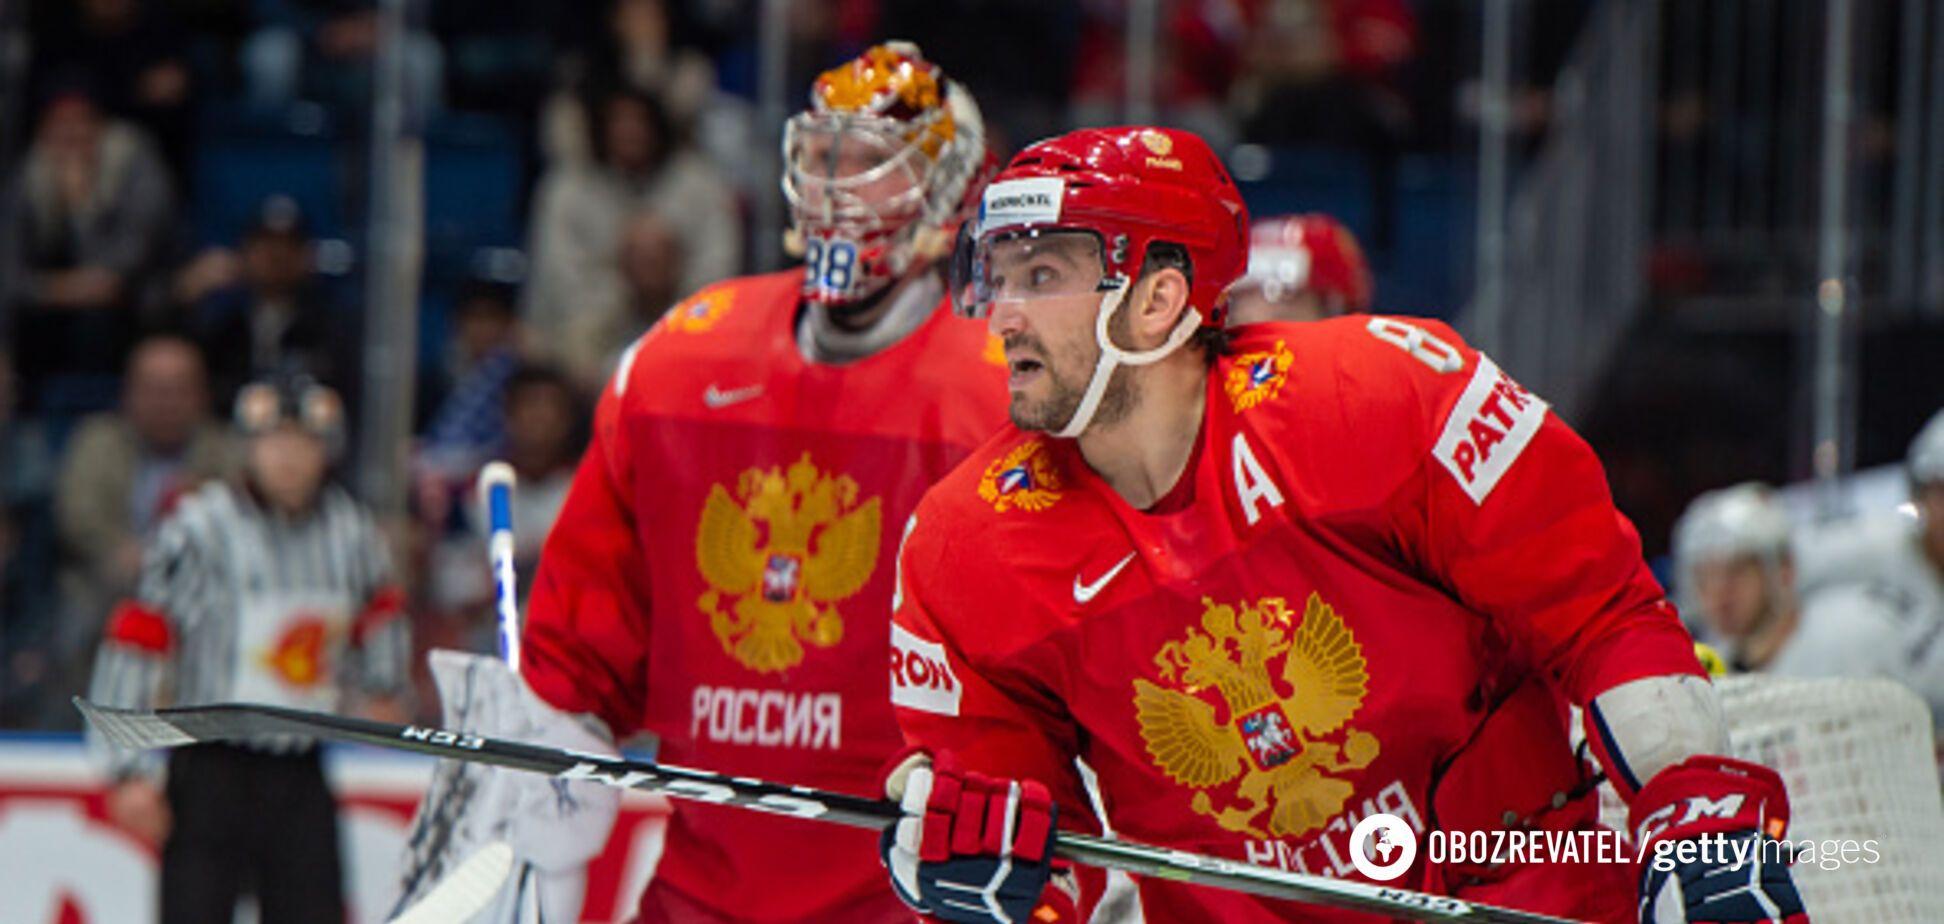 Овечкин отметился жестоким приемом в четвертьфинале чемпионата мира по хоккею: видео